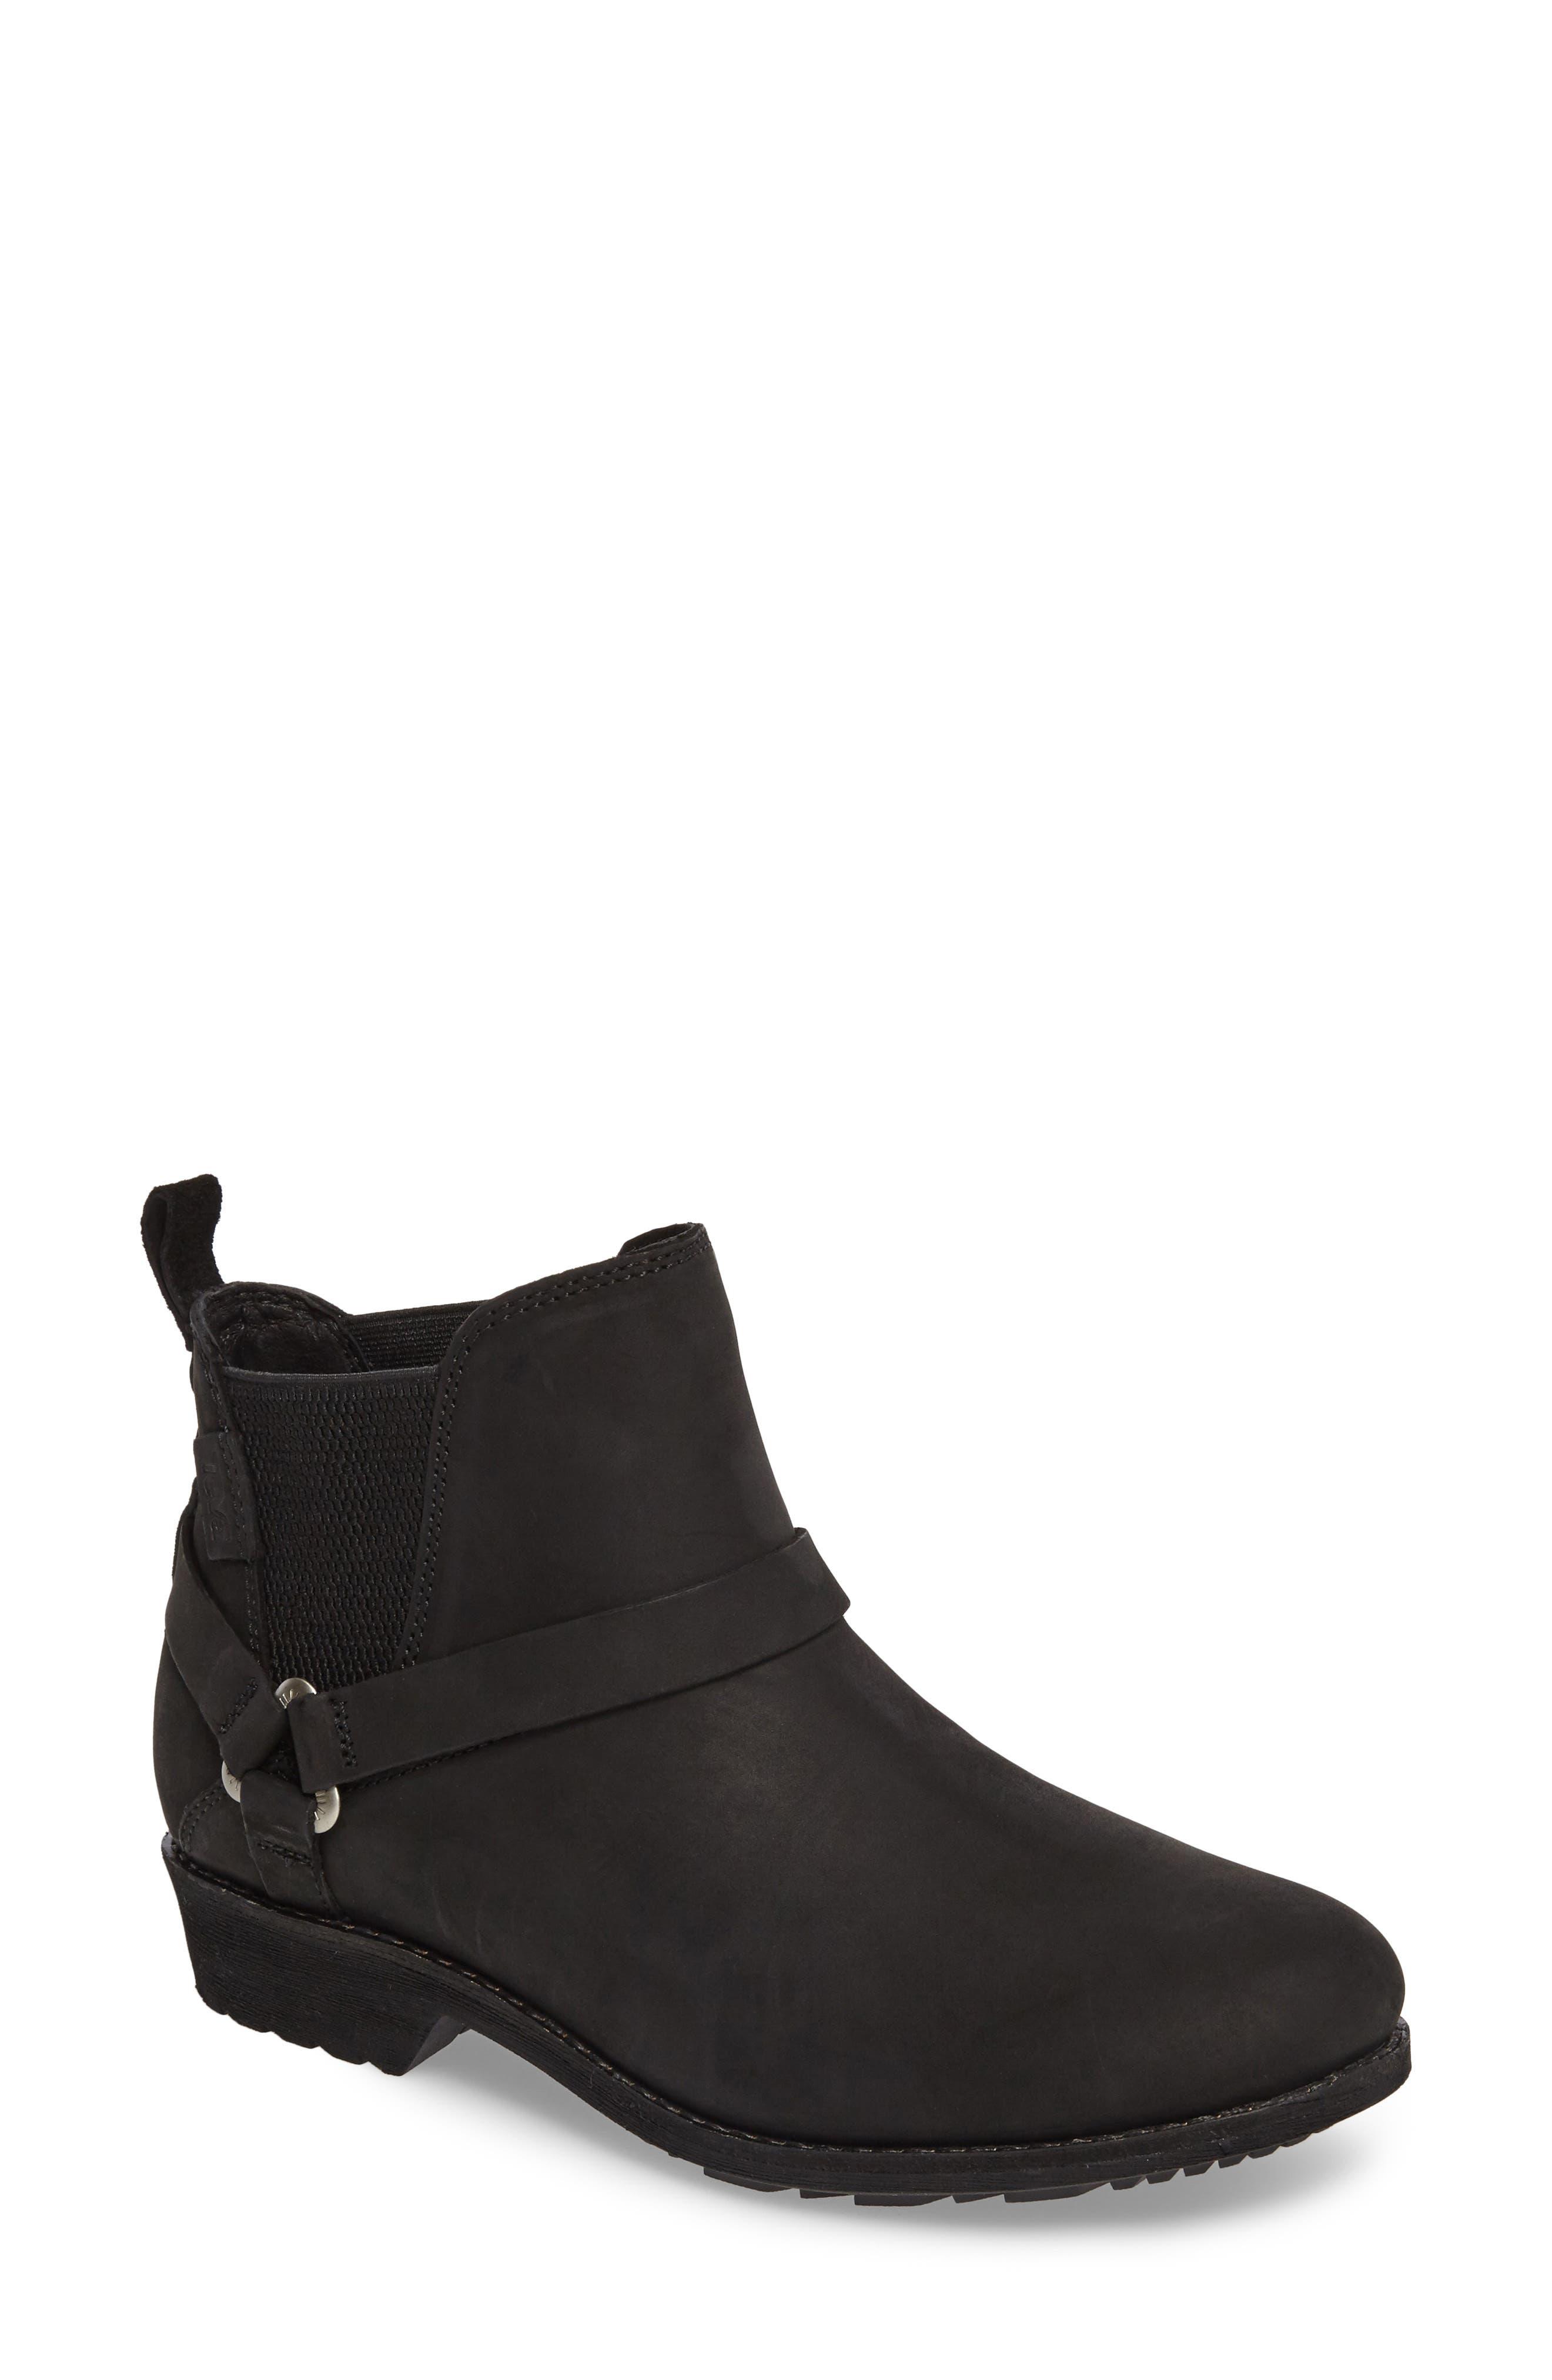 TEVA, De La Vina Dos Waterproof Chelsea Boot, Main thumbnail 1, color, BLACK LEATHER